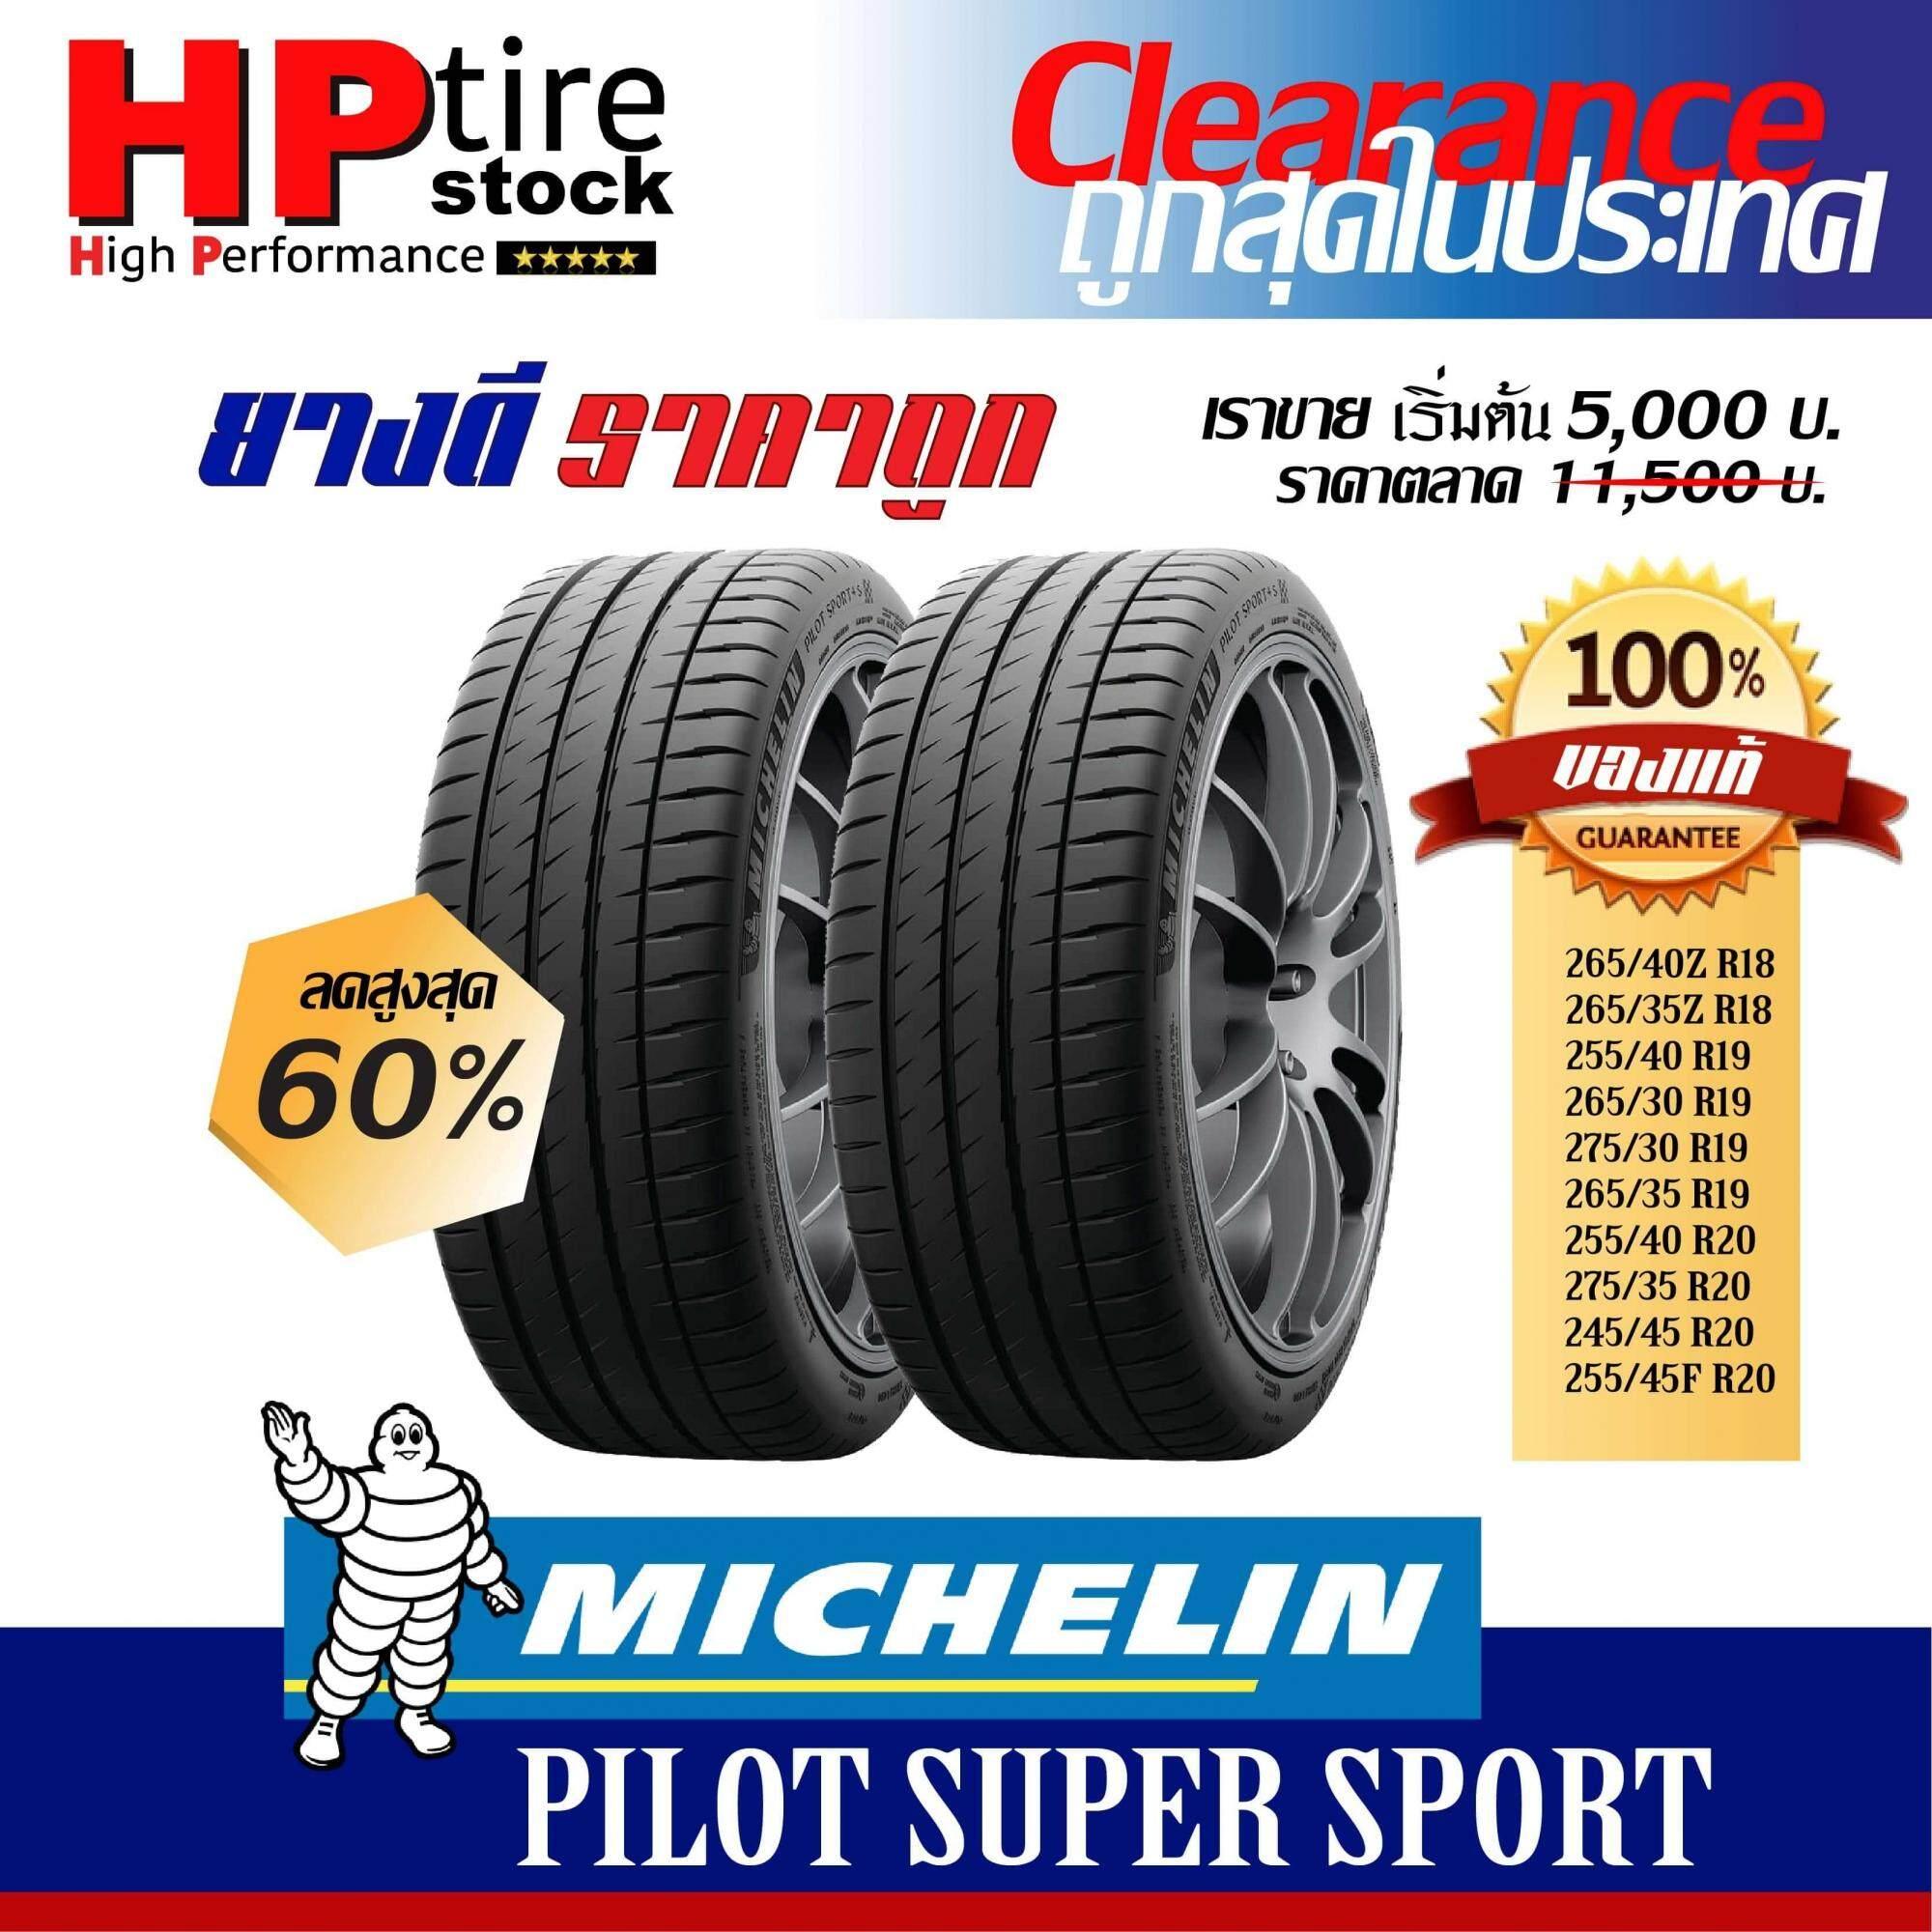 ประกันภัย รถยนต์ แบบ ผ่อน ได้ สระบุรี Michelin Pilot Super Sport มีหลายไซส์ 265/40ZR18 ยางรถยนต์ ยางมิชลินนำเข้า ของแท้ ถูกกว่าราคาตลาด